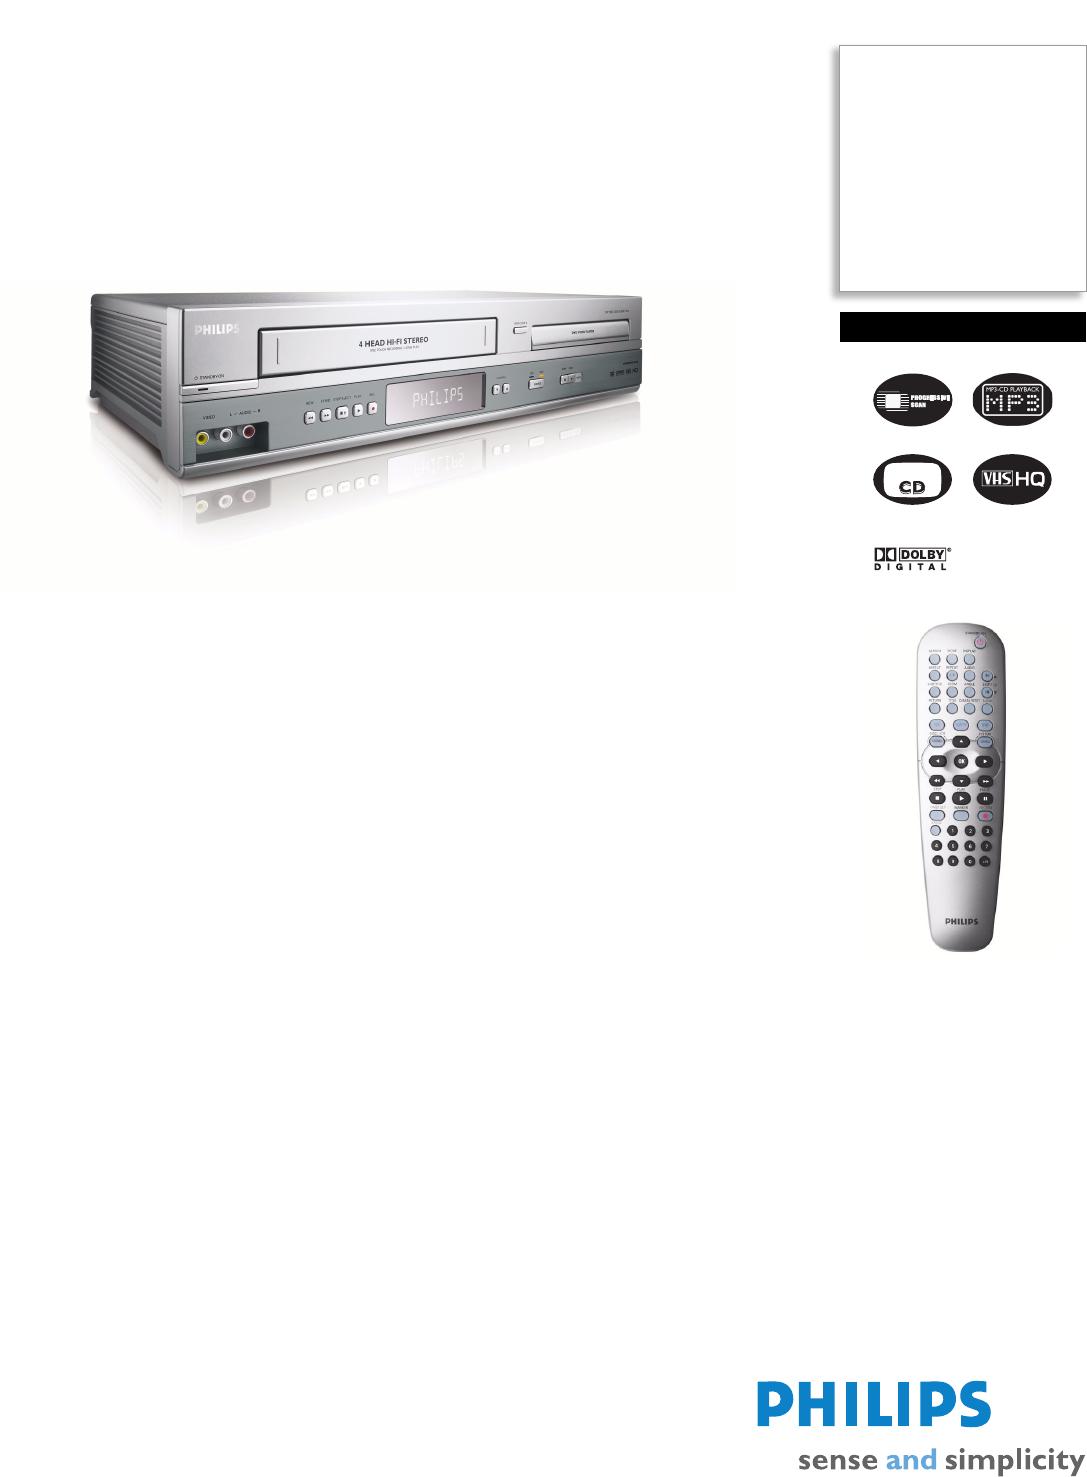 philips mp3 player dvp3150v user guide manualsonline com rh portablemedia manualsonline com Philips Electronics Manuals Philips Electronics Manuals